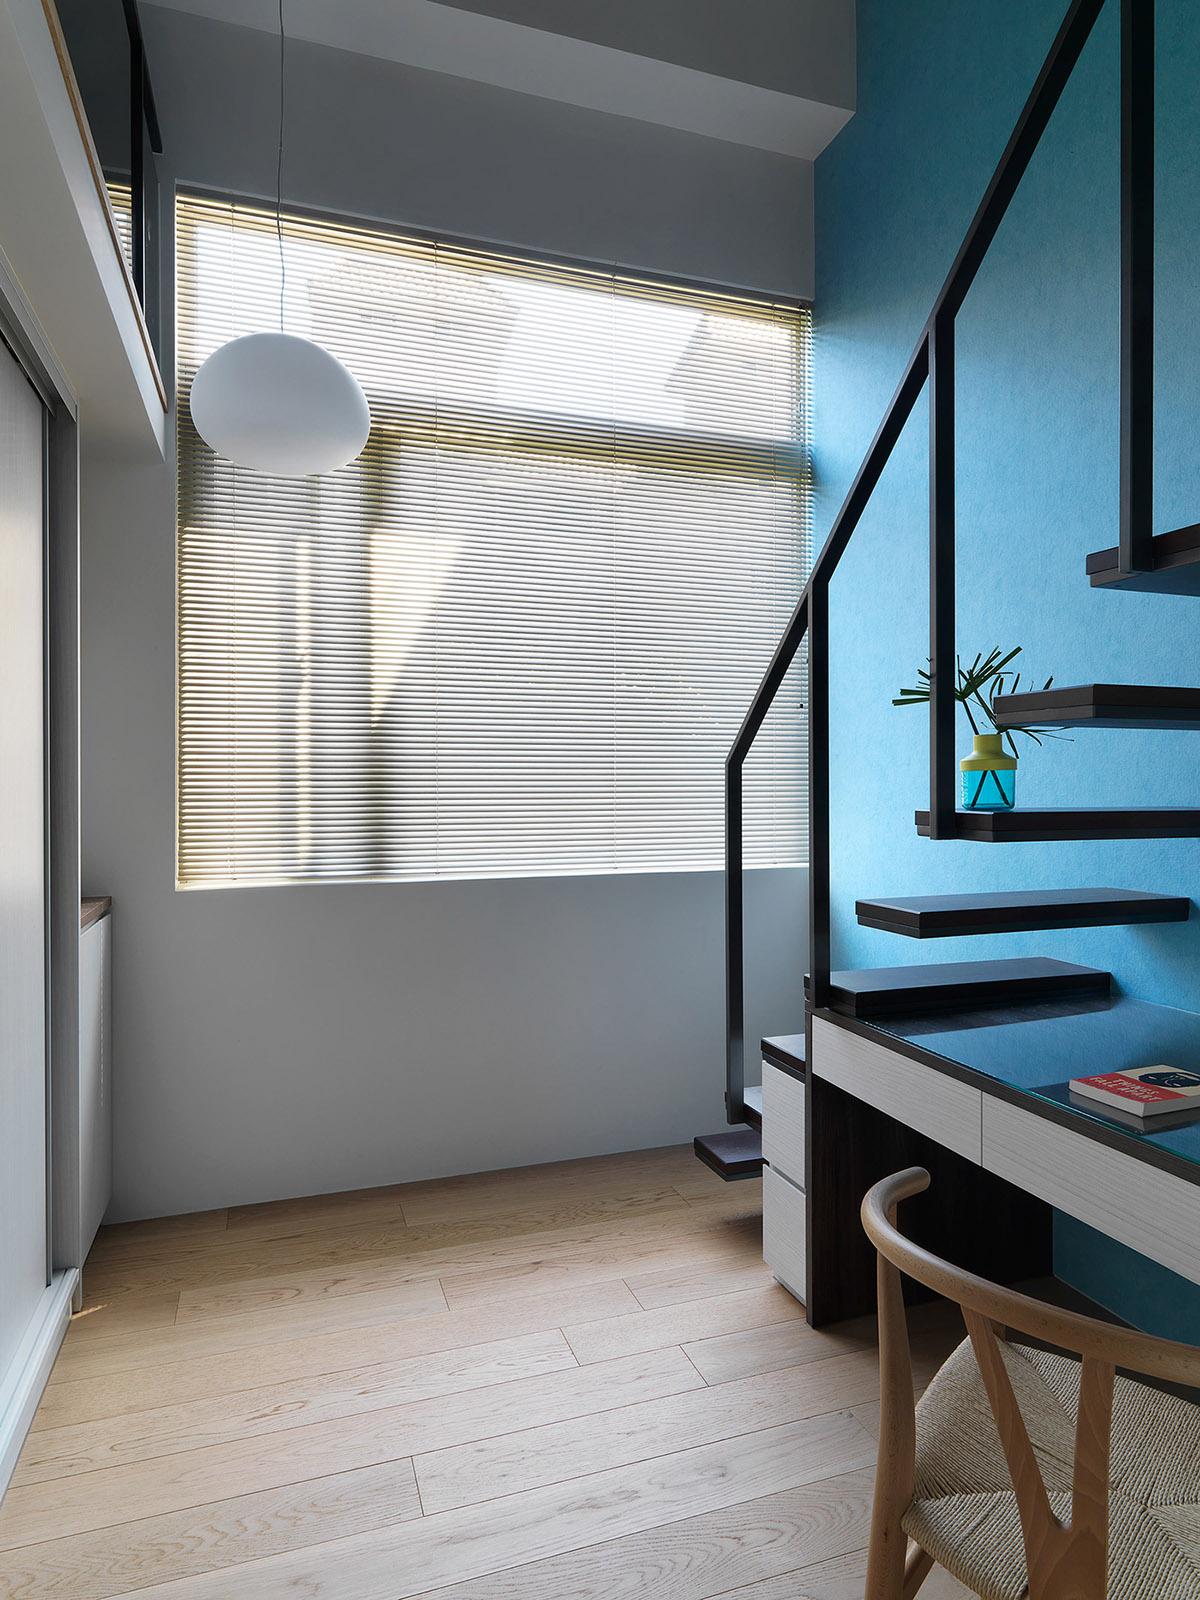 2个精致a前景的前景系家居装修v前景模具设计蓝色怎么样图片